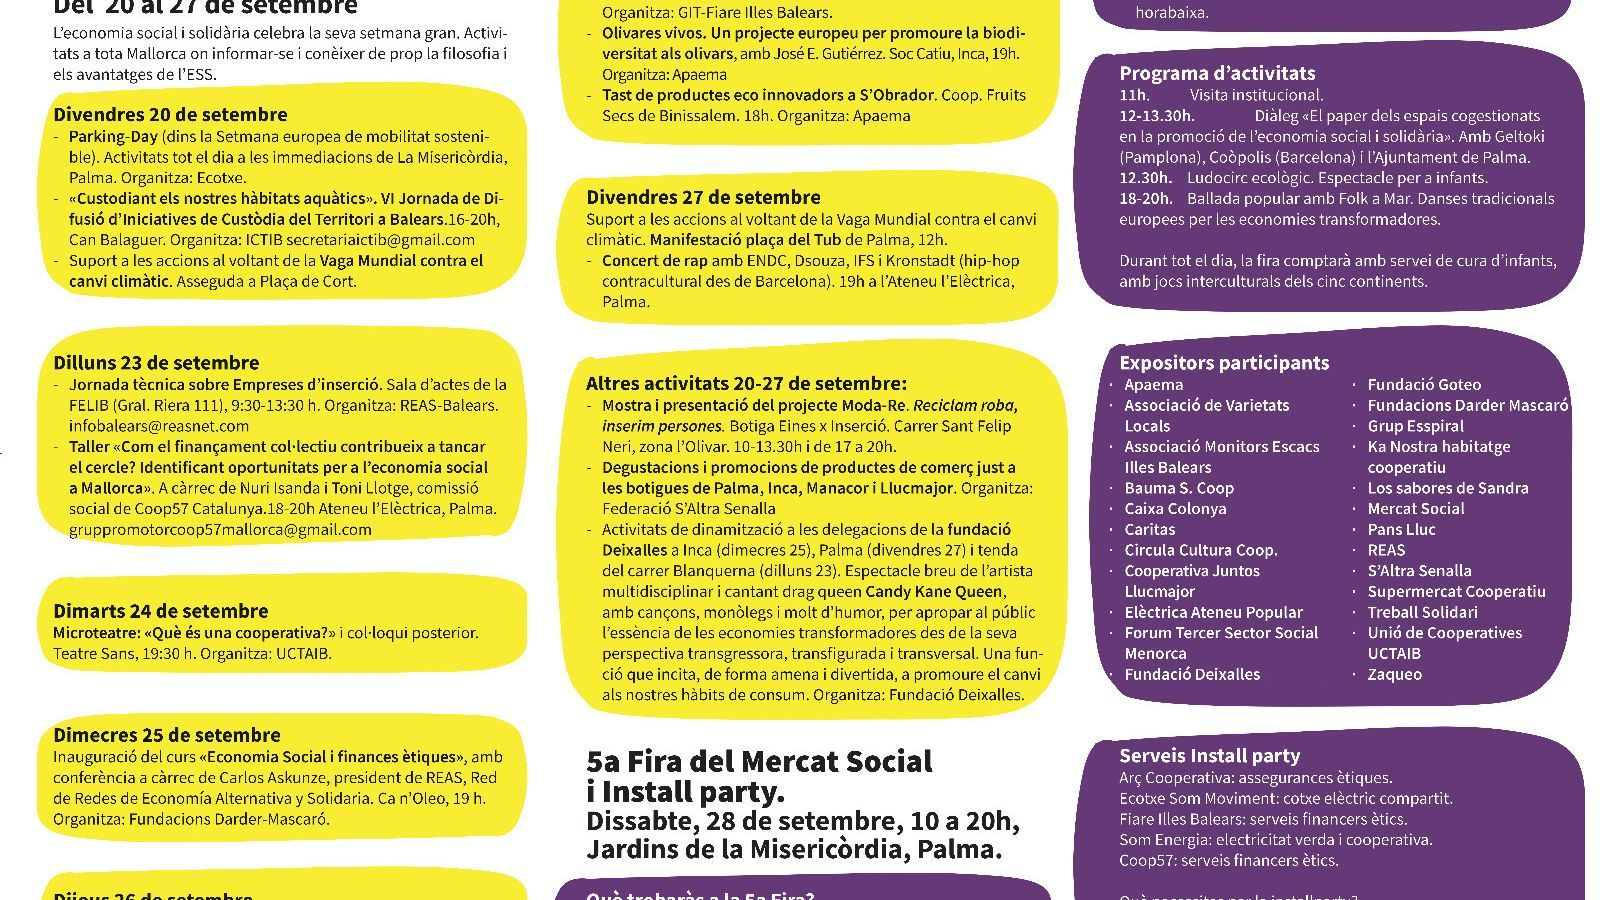 Programa Setmana de les Economies Transformadores i del Mercat Social